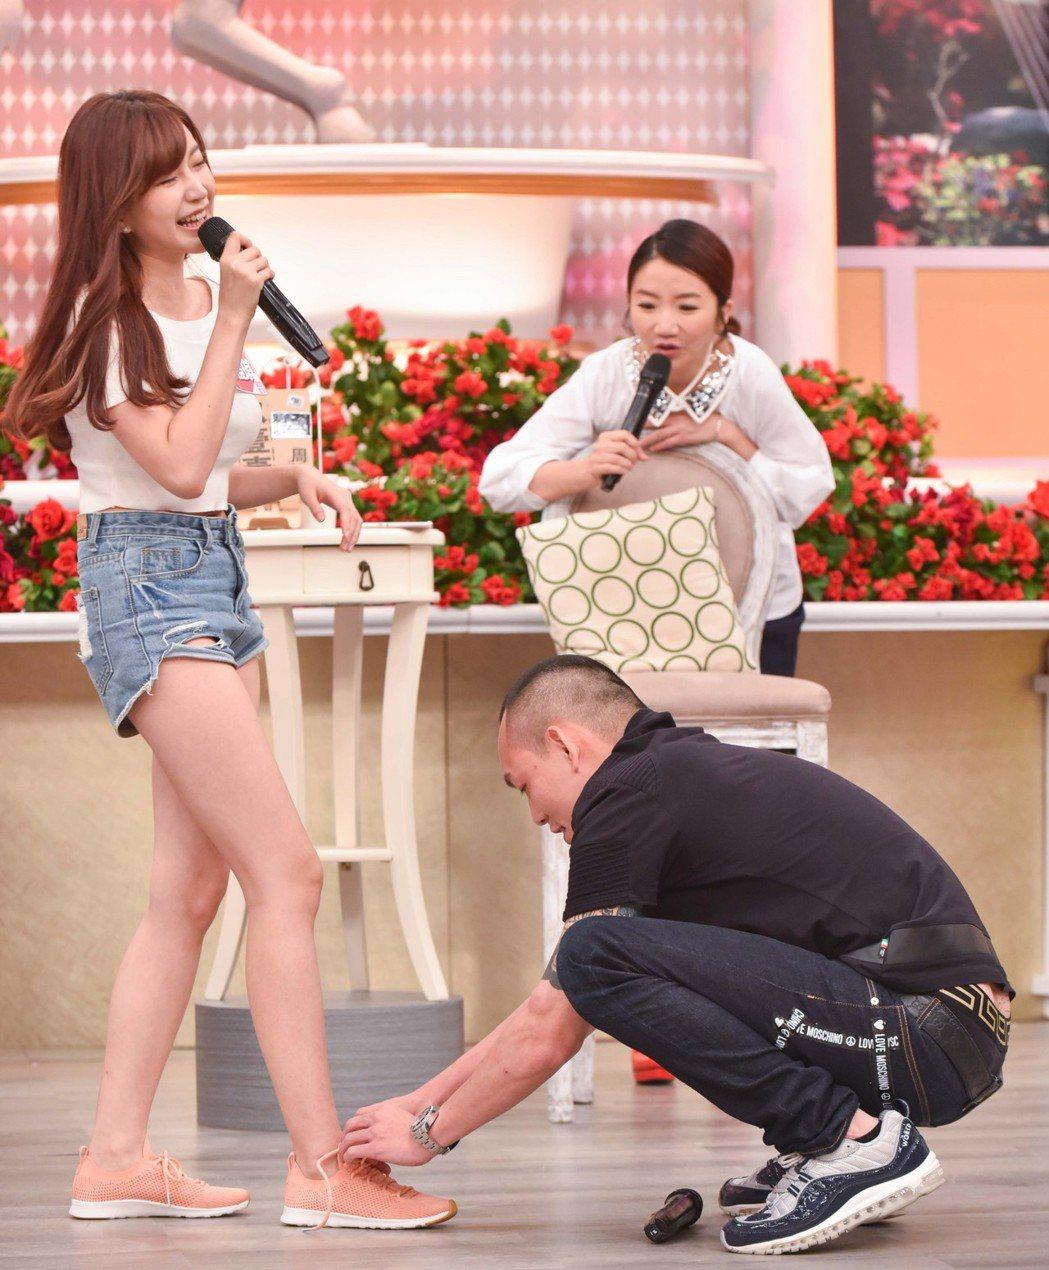 春風(右下)蹲下替女來賓綁鞋帶。圖/衛視中文台提供